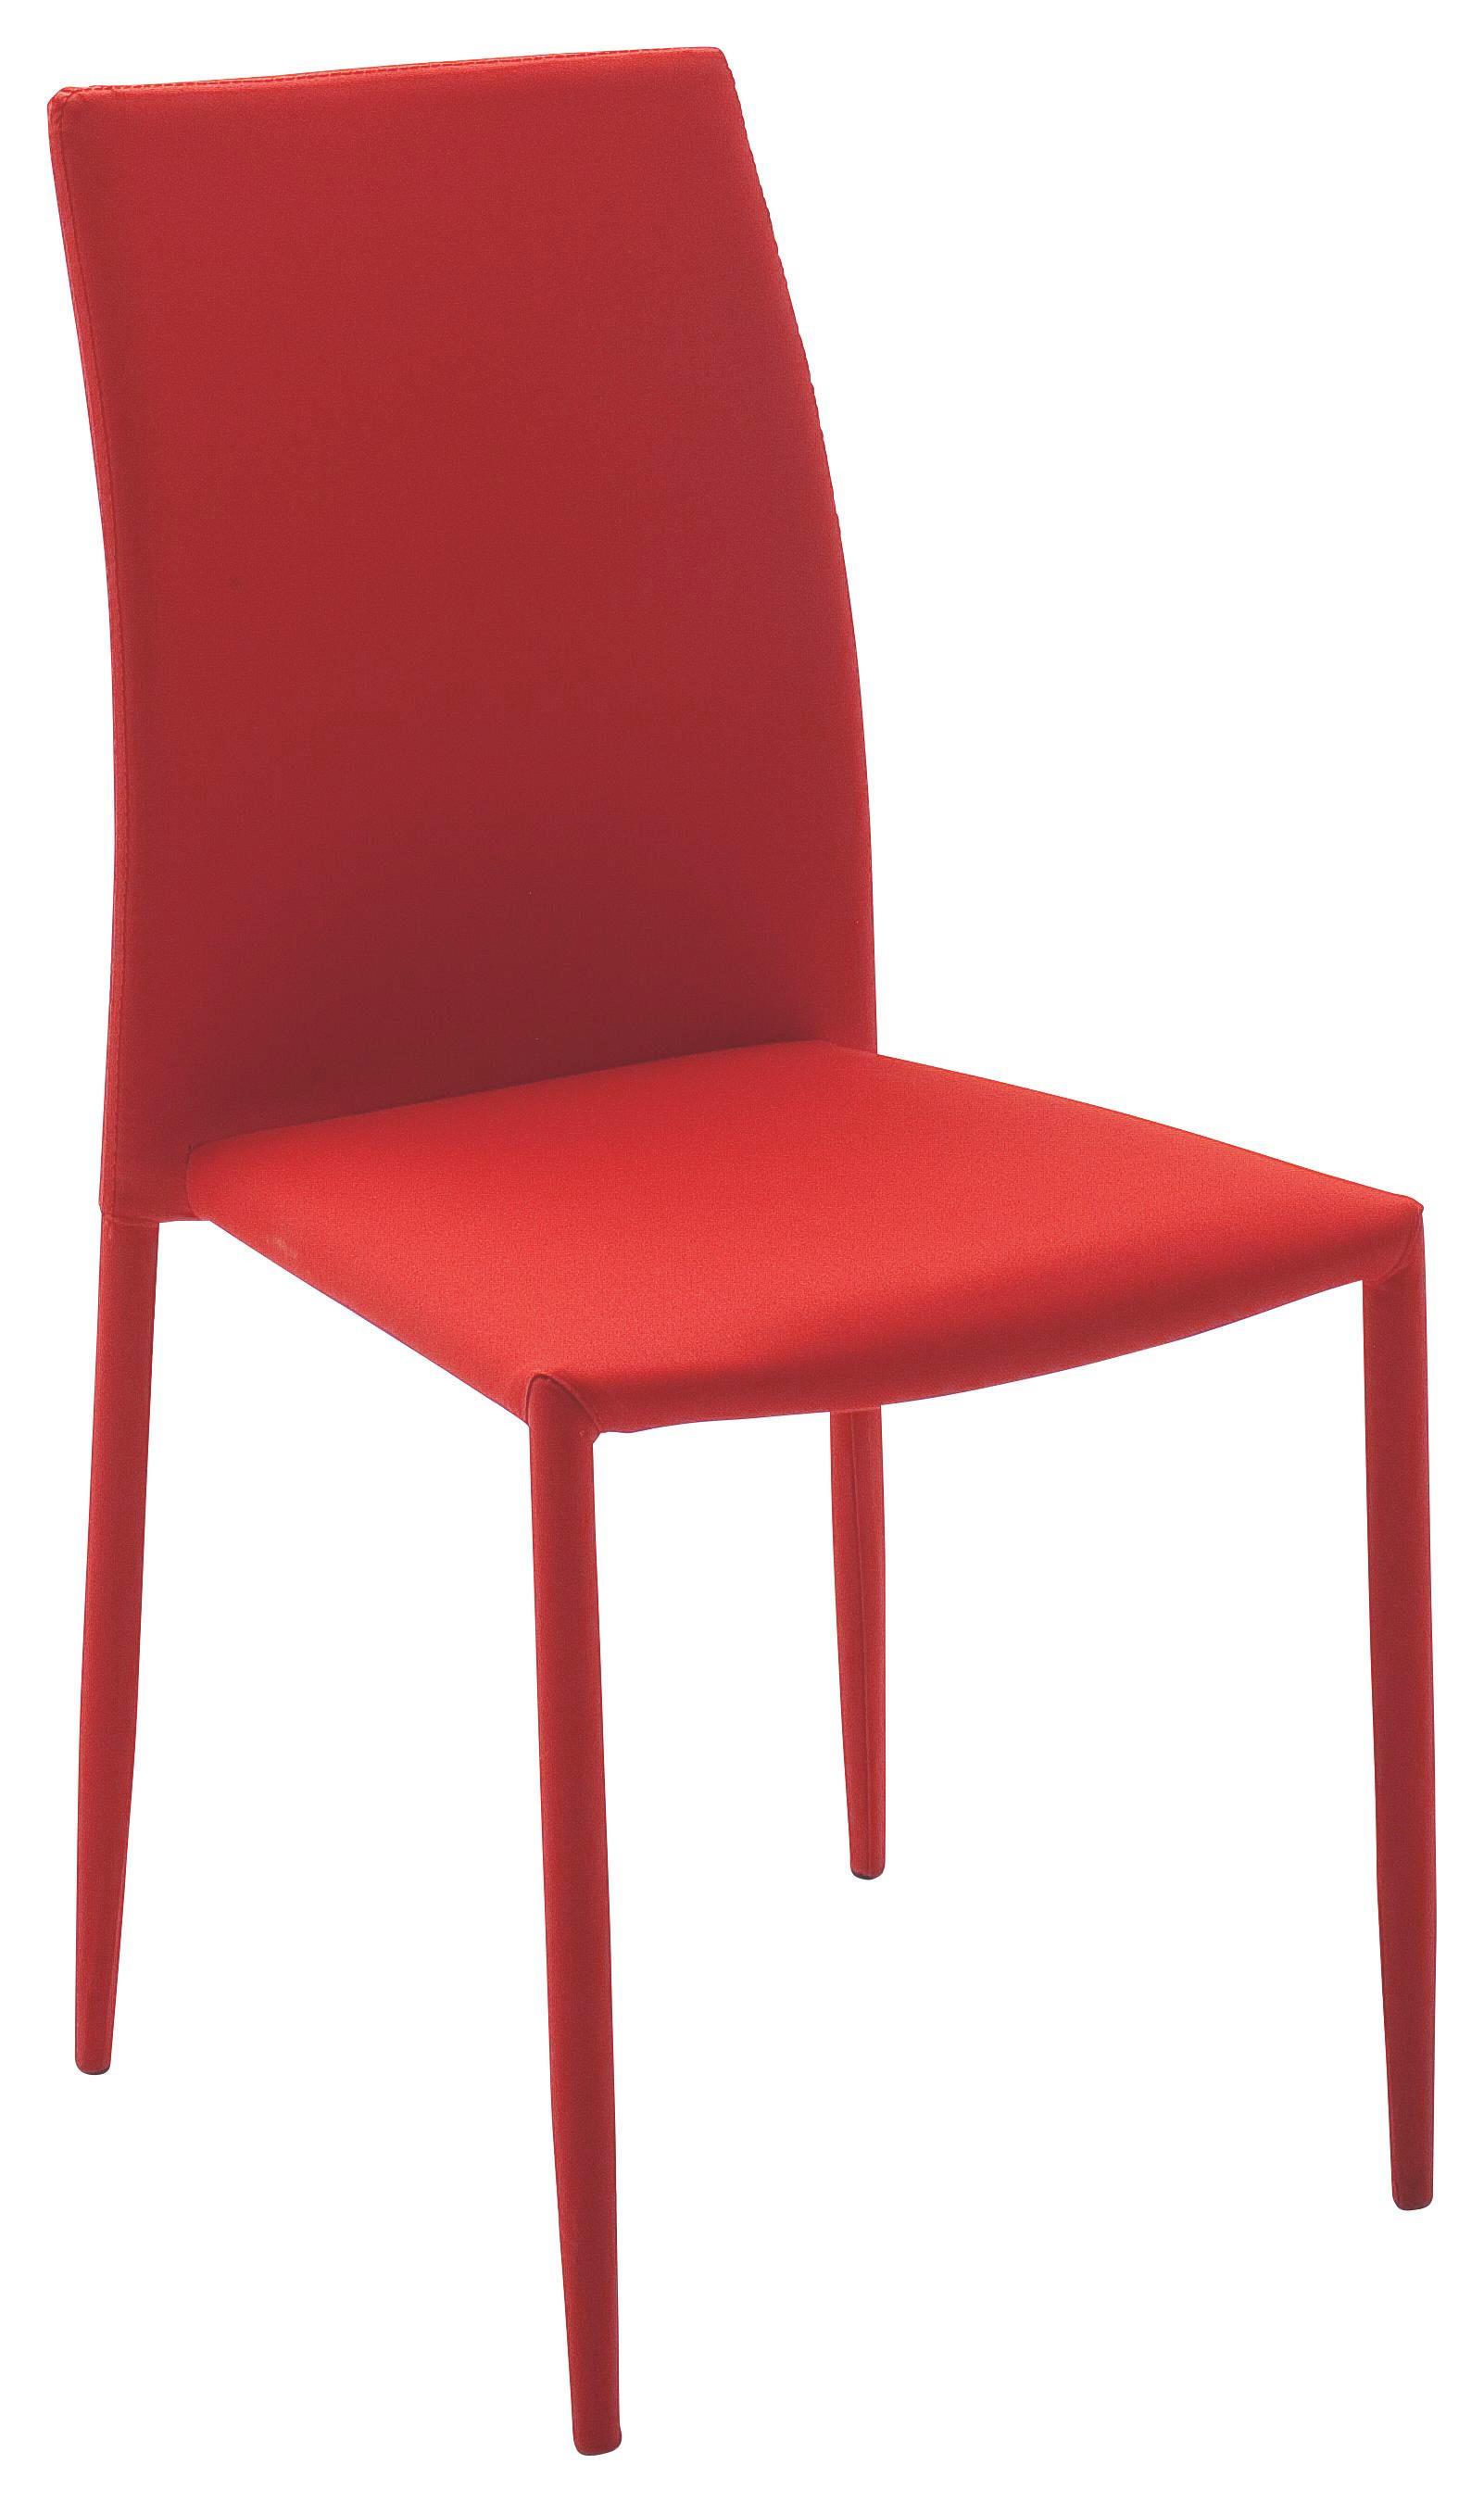 Esszimmerstuhle Klassische Esstisch Stuhle Kaufen